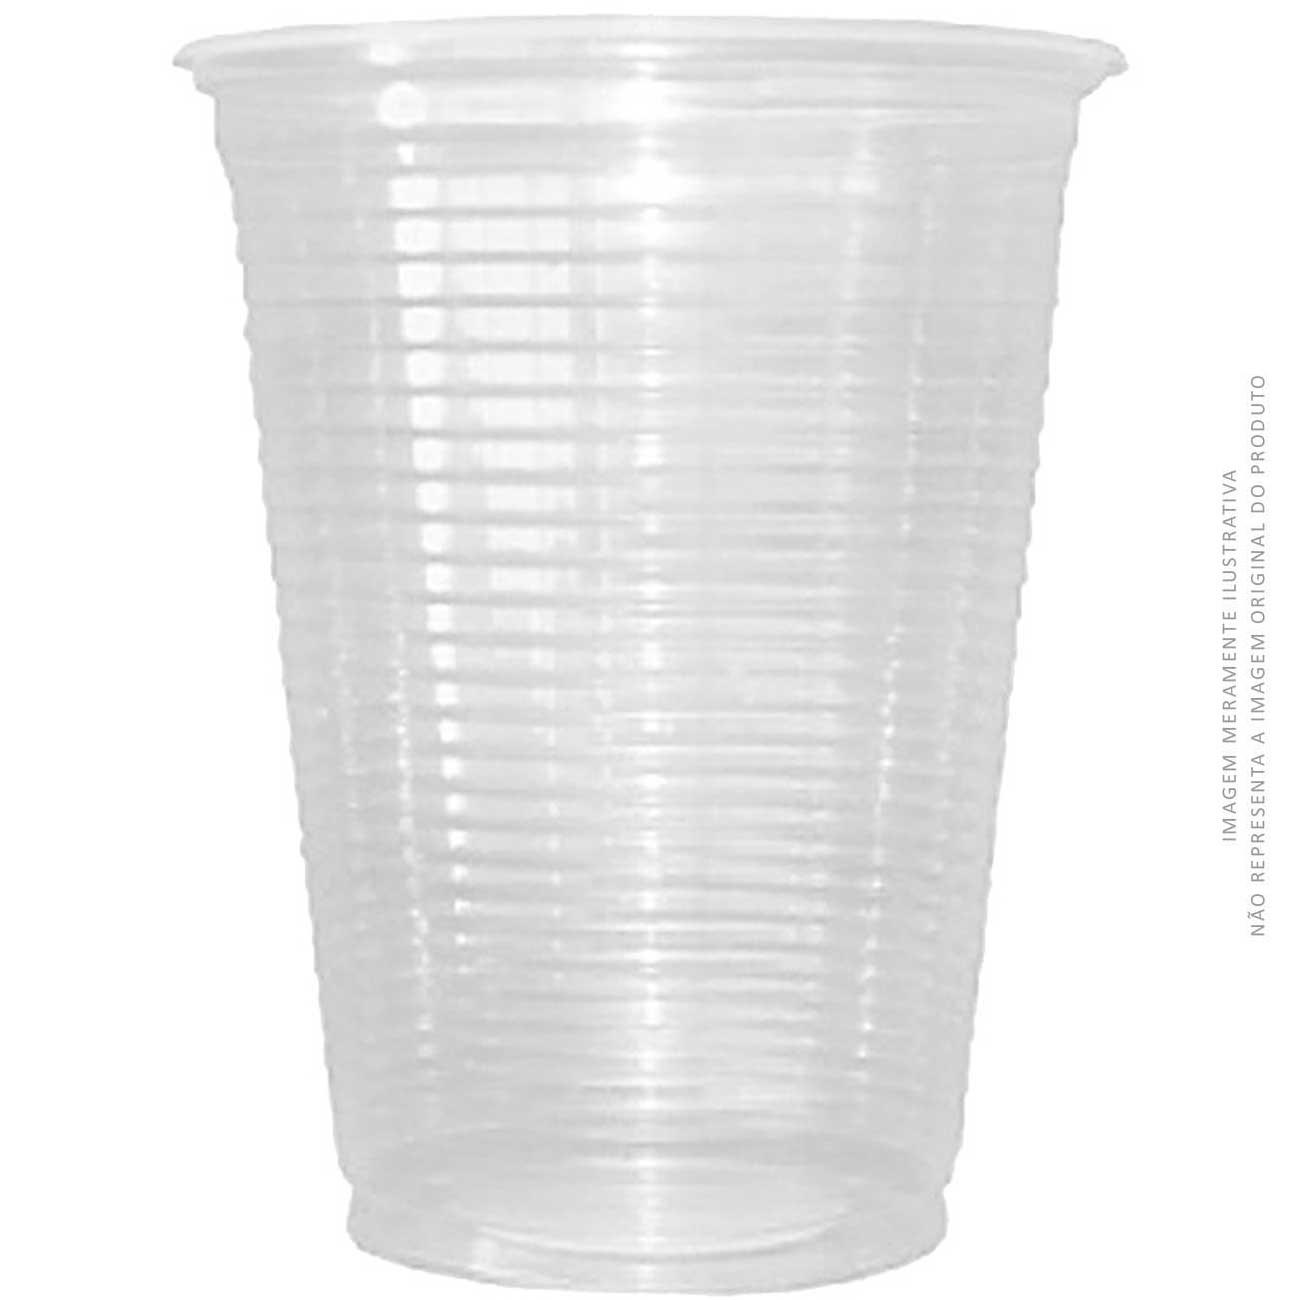 Copo Descartável Dixie Transparente 300ml Pp | Caixa com 20 unidades